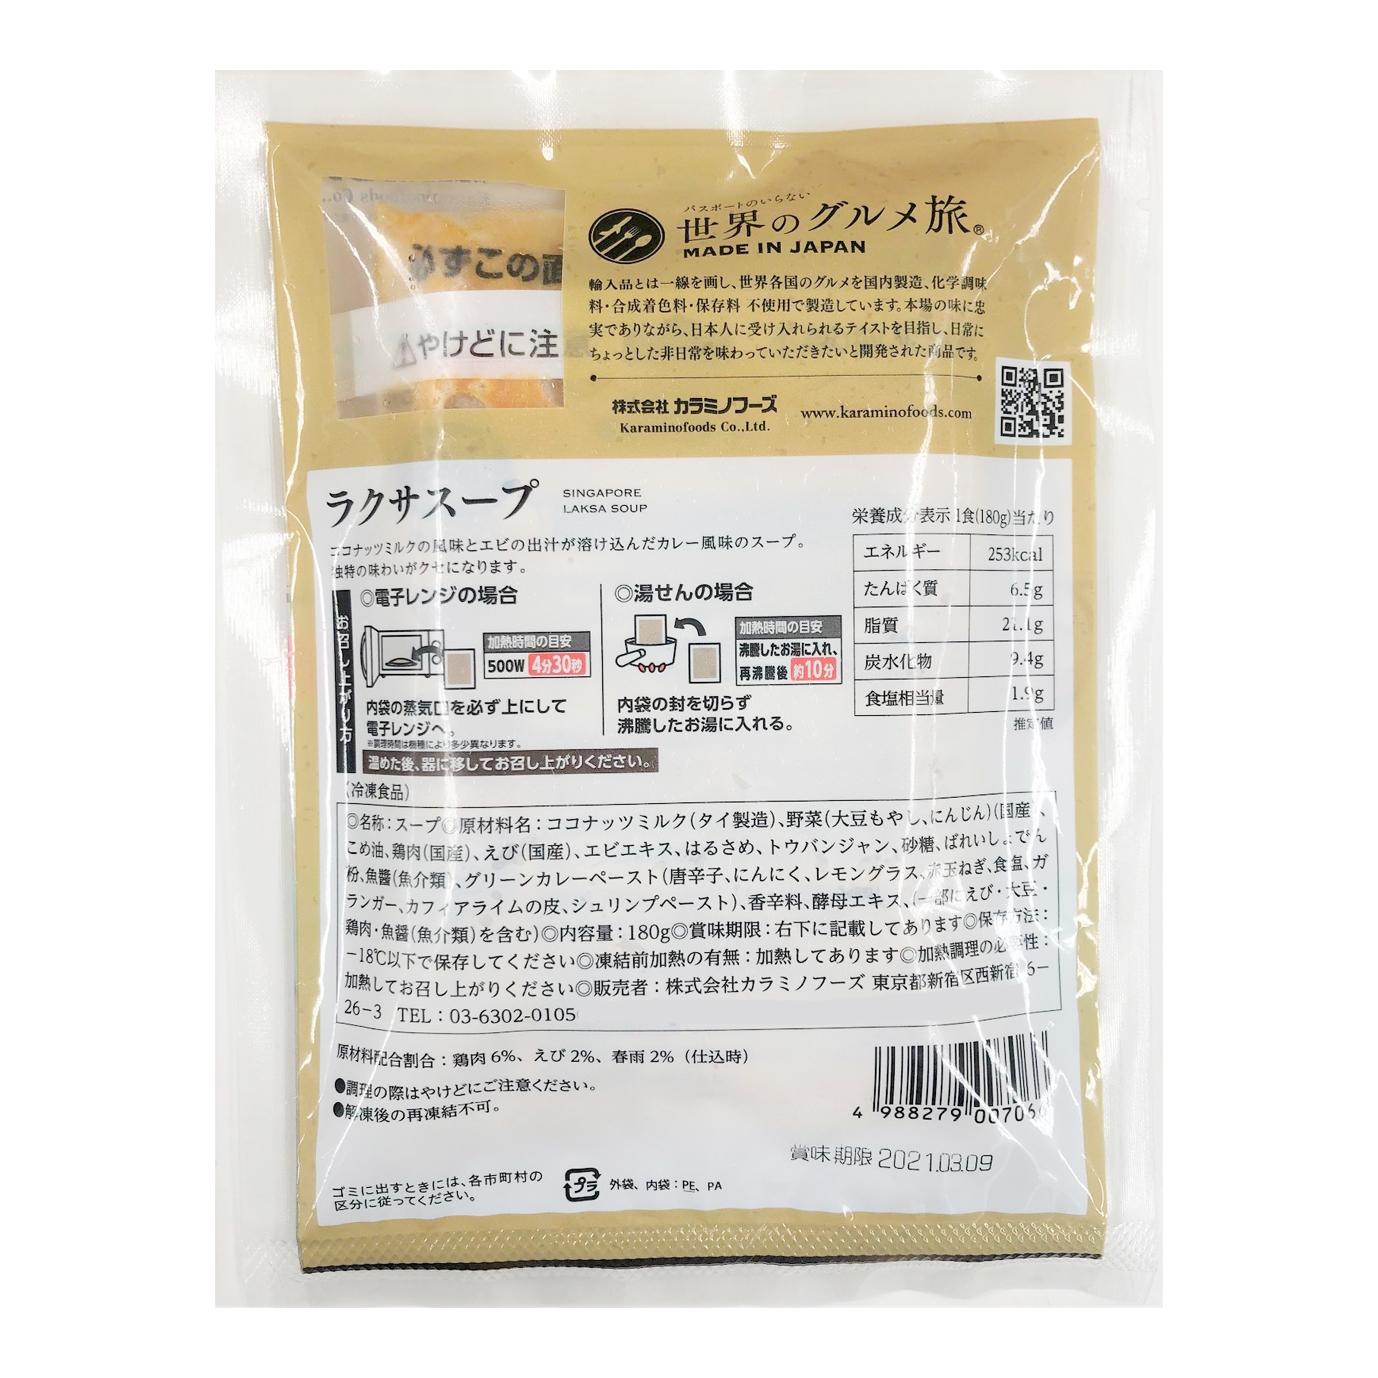 【50%OFF・1食】シンガポール ラクサスープ